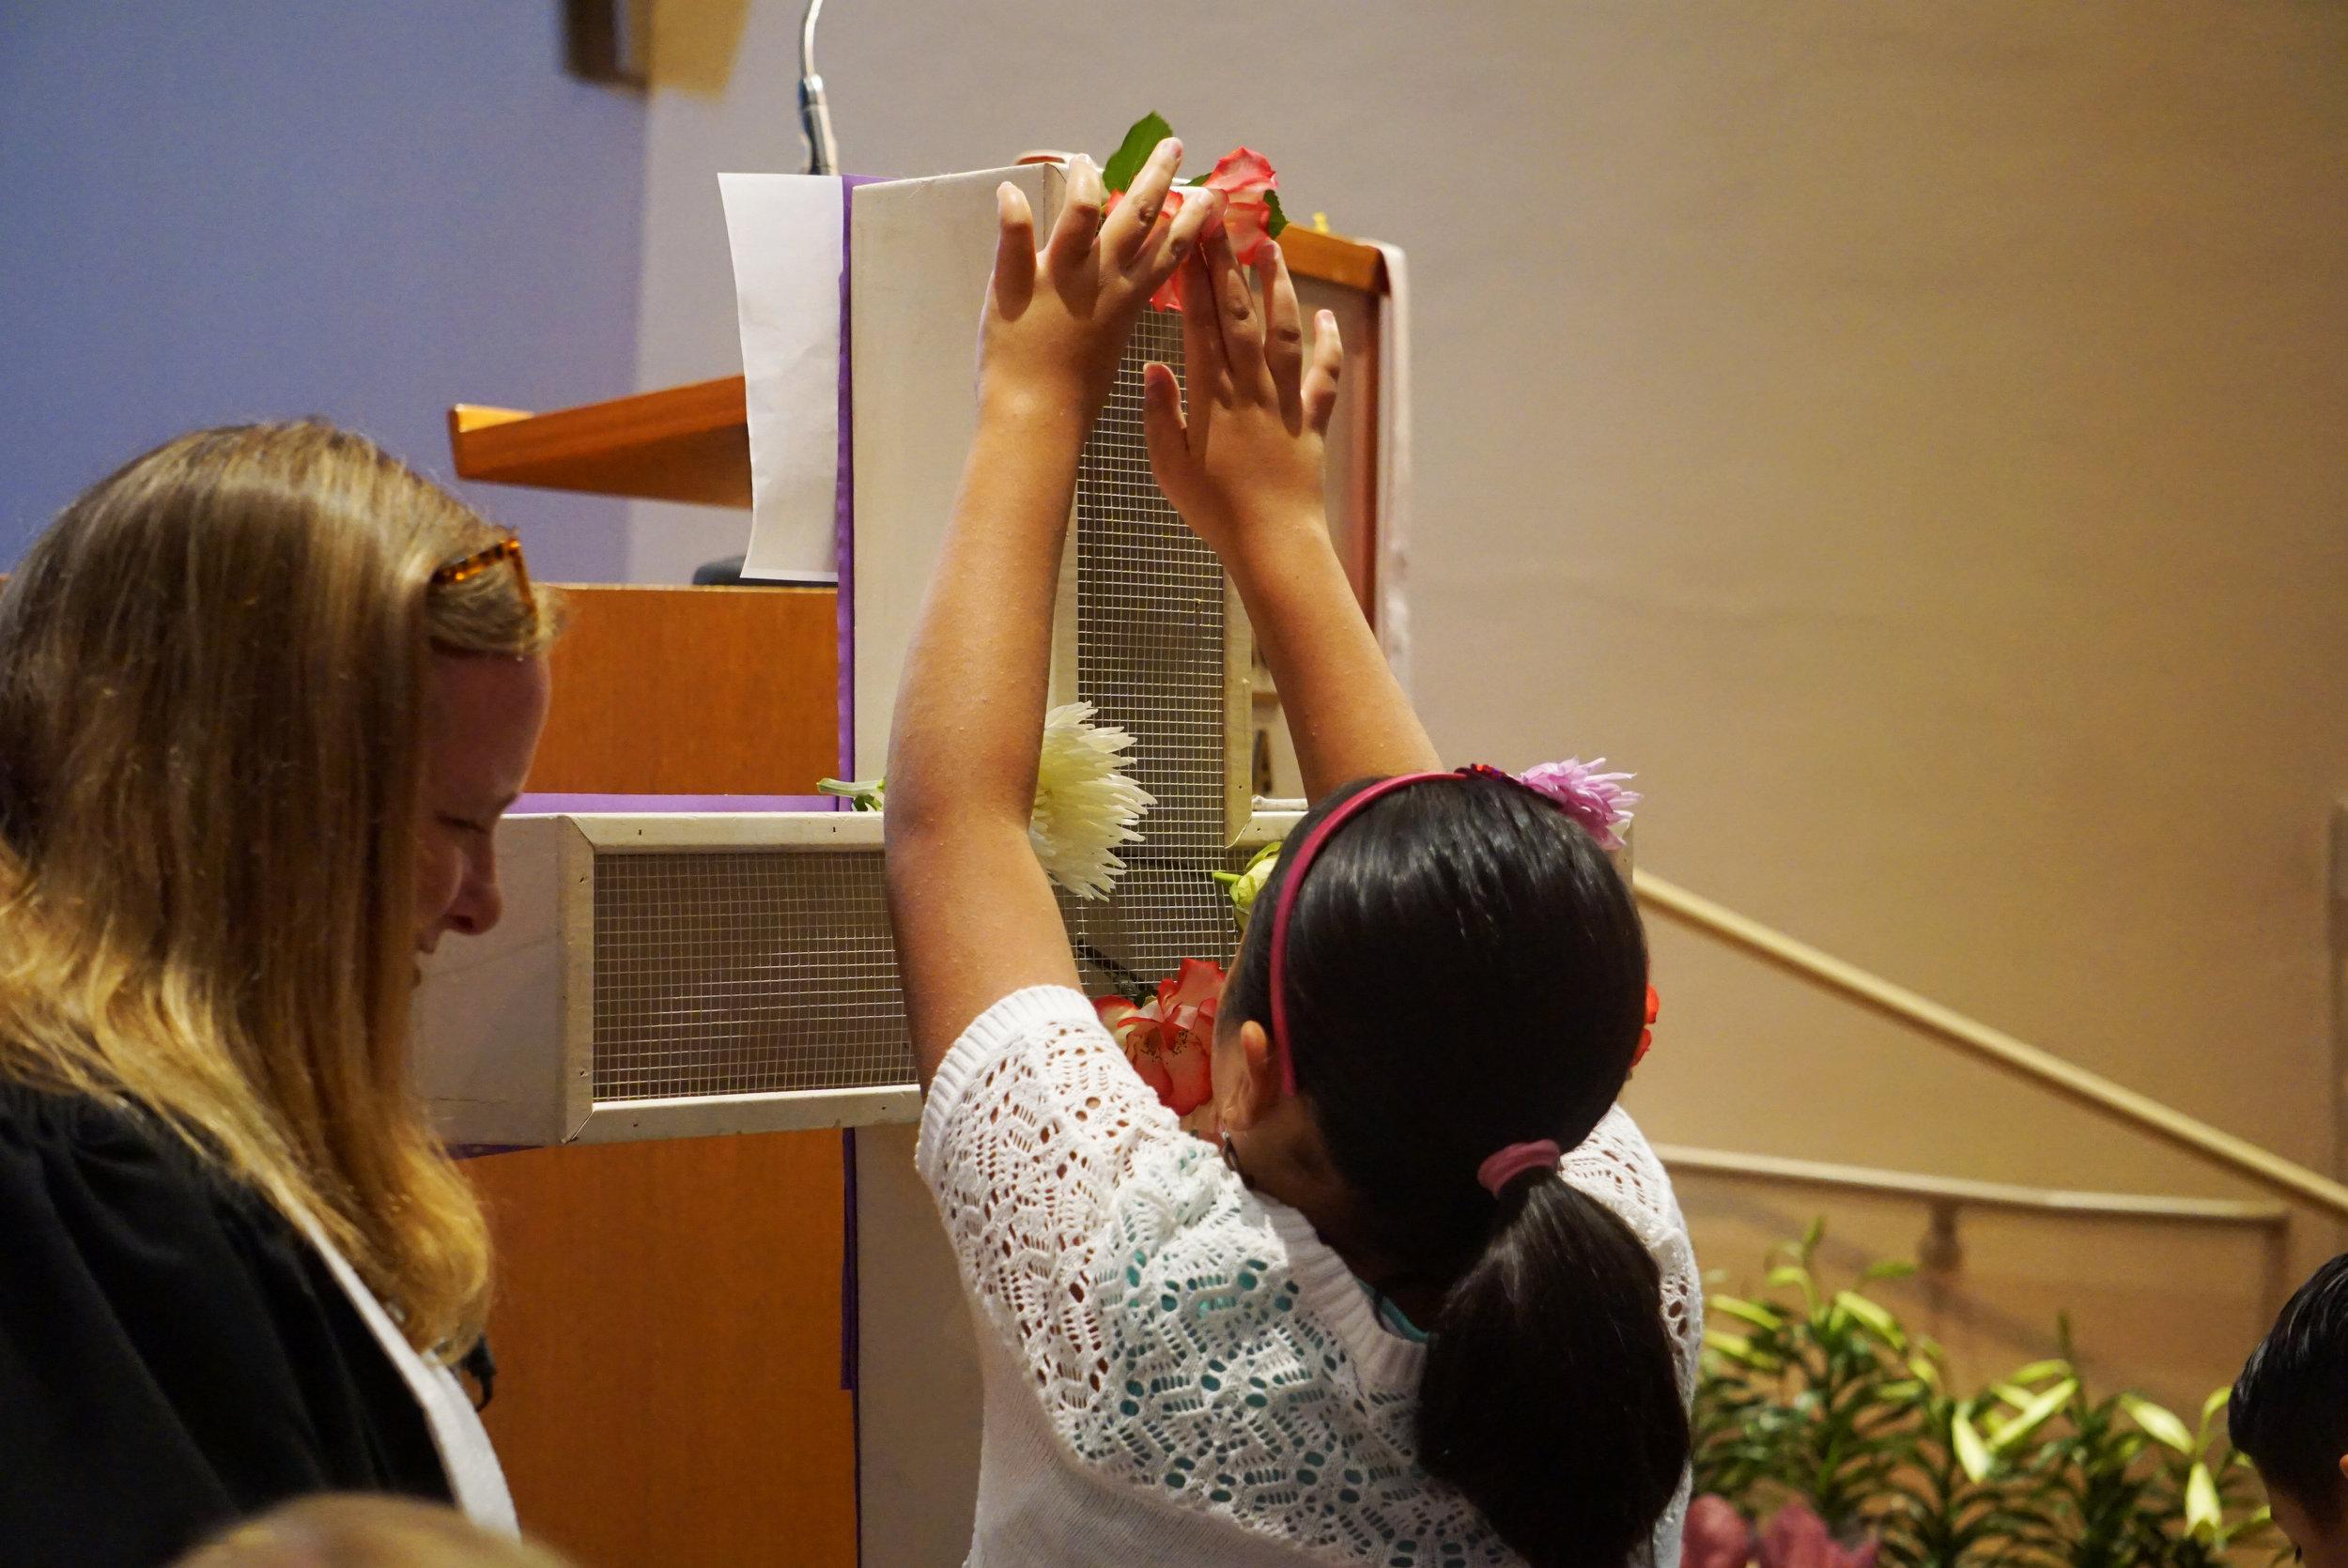 claremont-presbyterian-church-easter-child-flower-cross.jpg